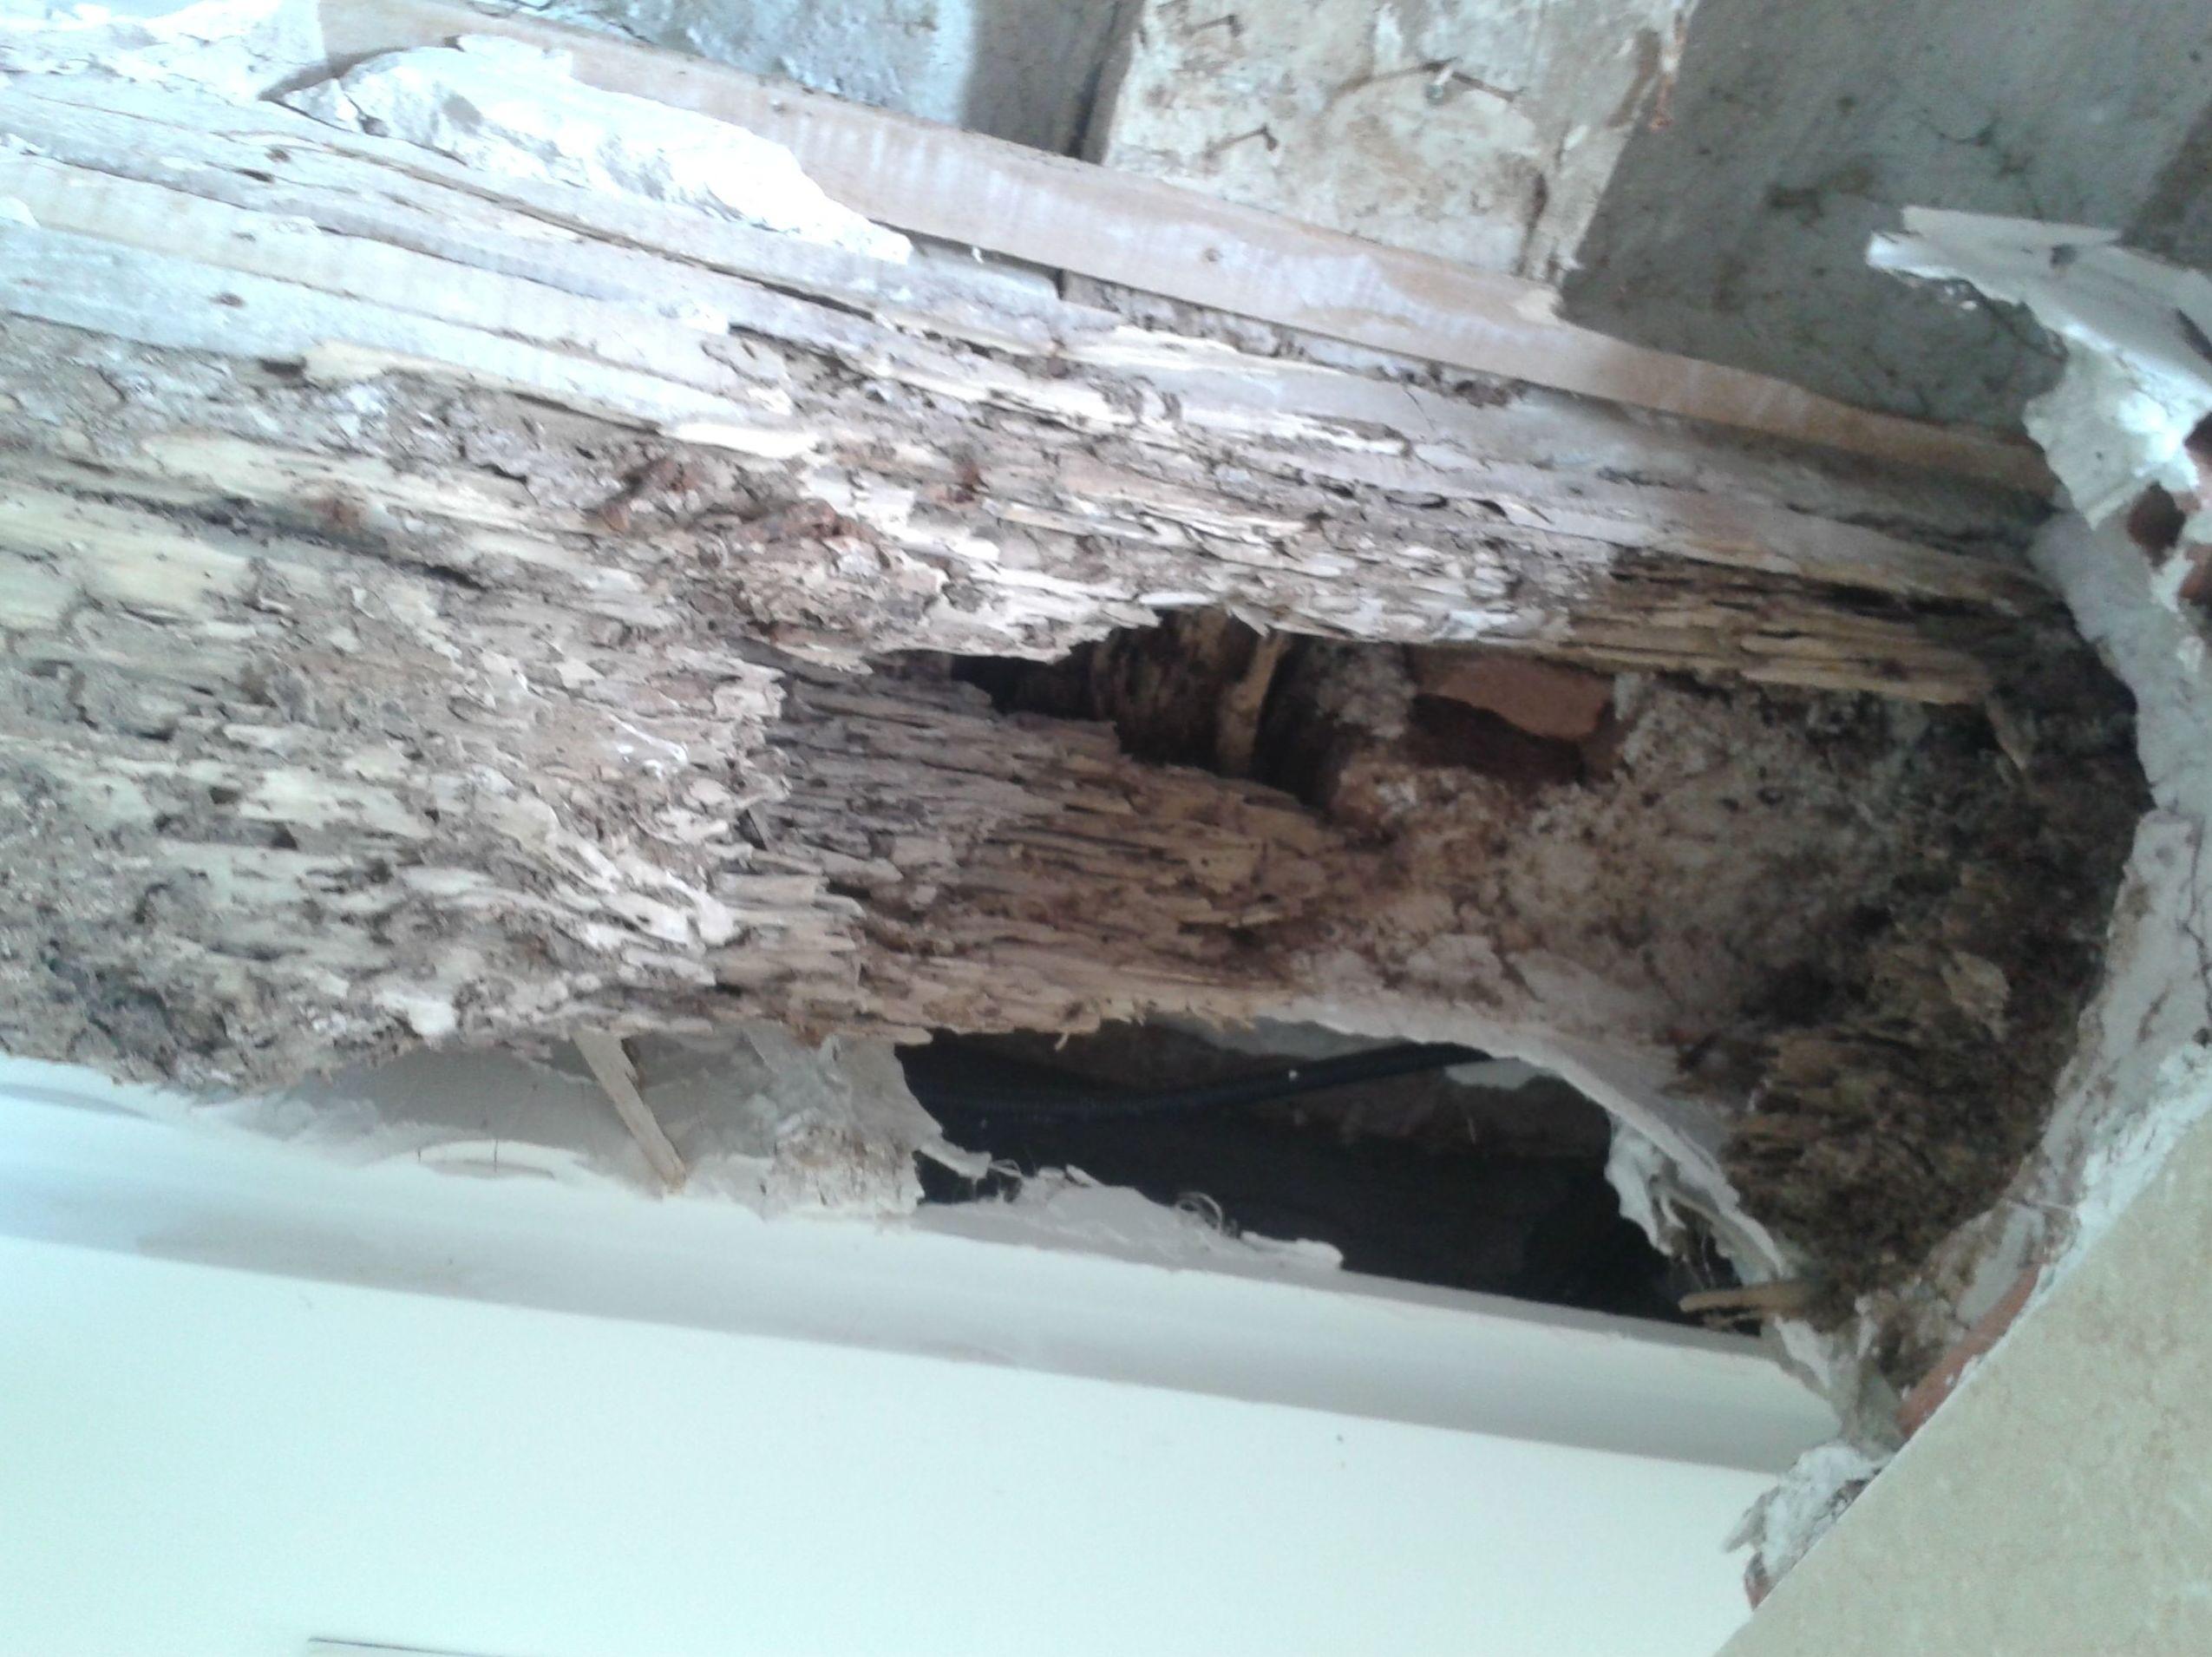 Viga deborada por termitas